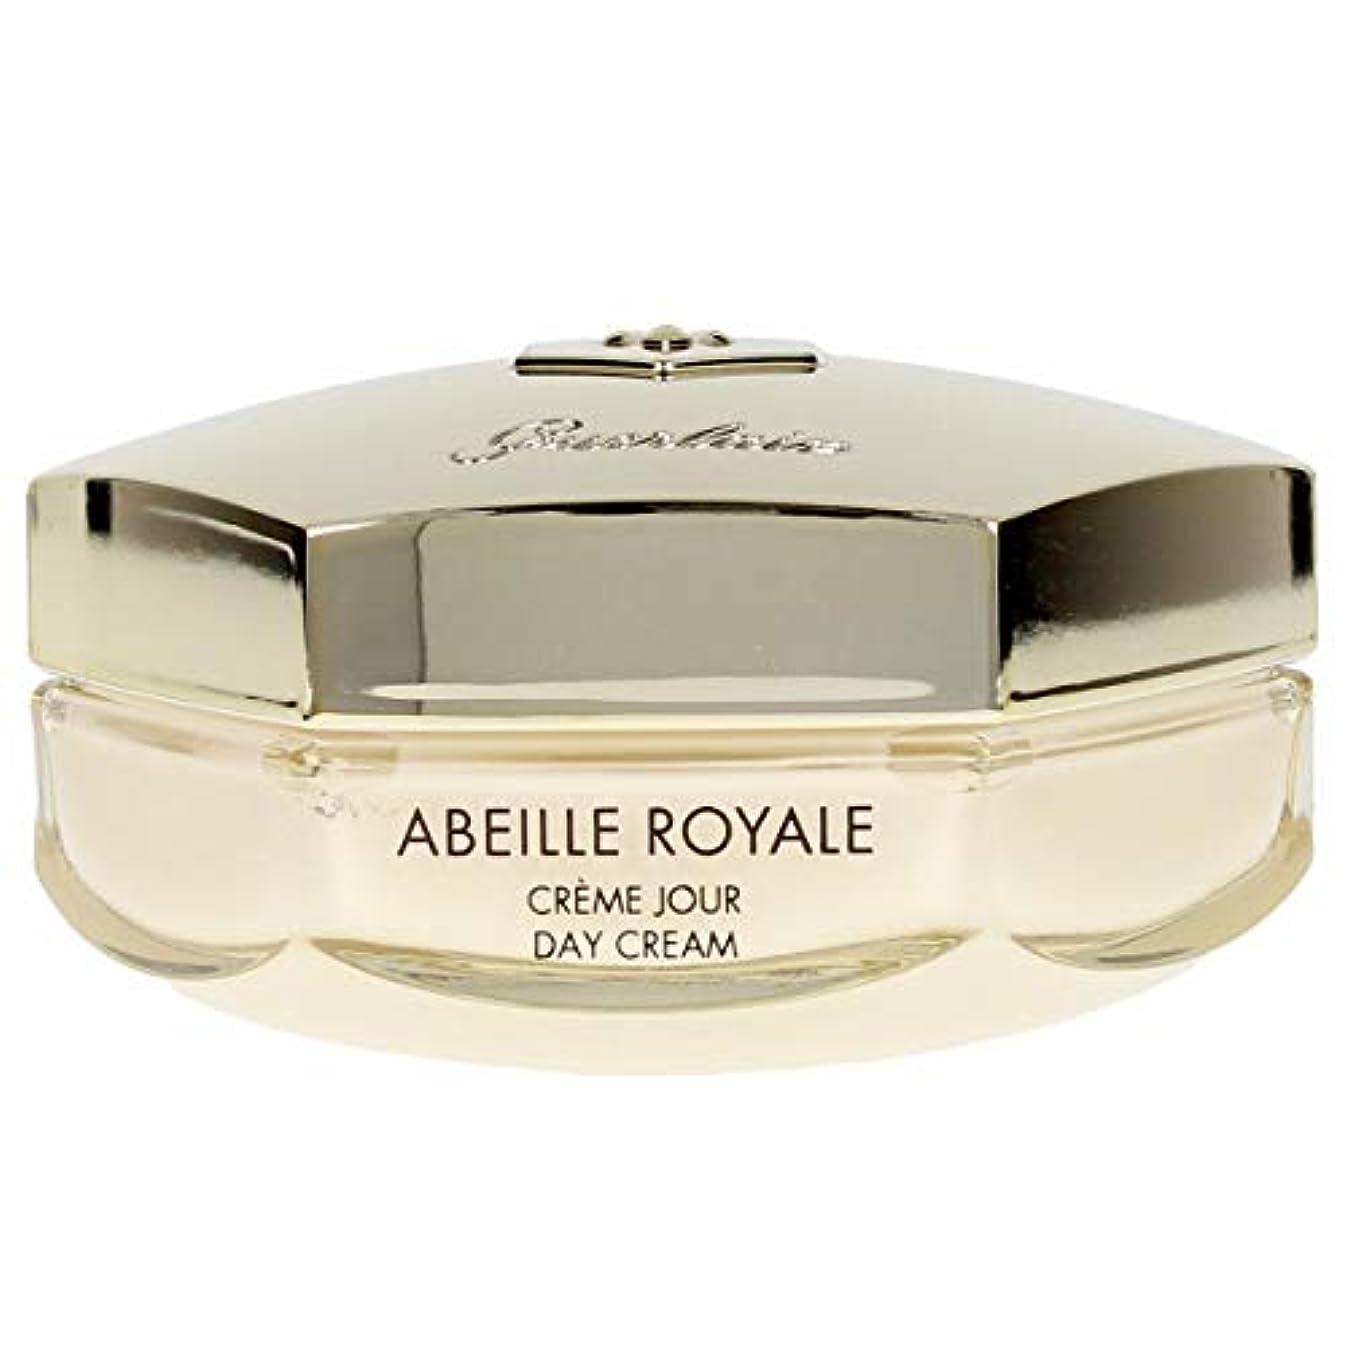 争い法令正しくゲラン Abeille Royale Day Cream - Firms, Smoothes & Illuminates 50ml/1.6oz並行輸入品